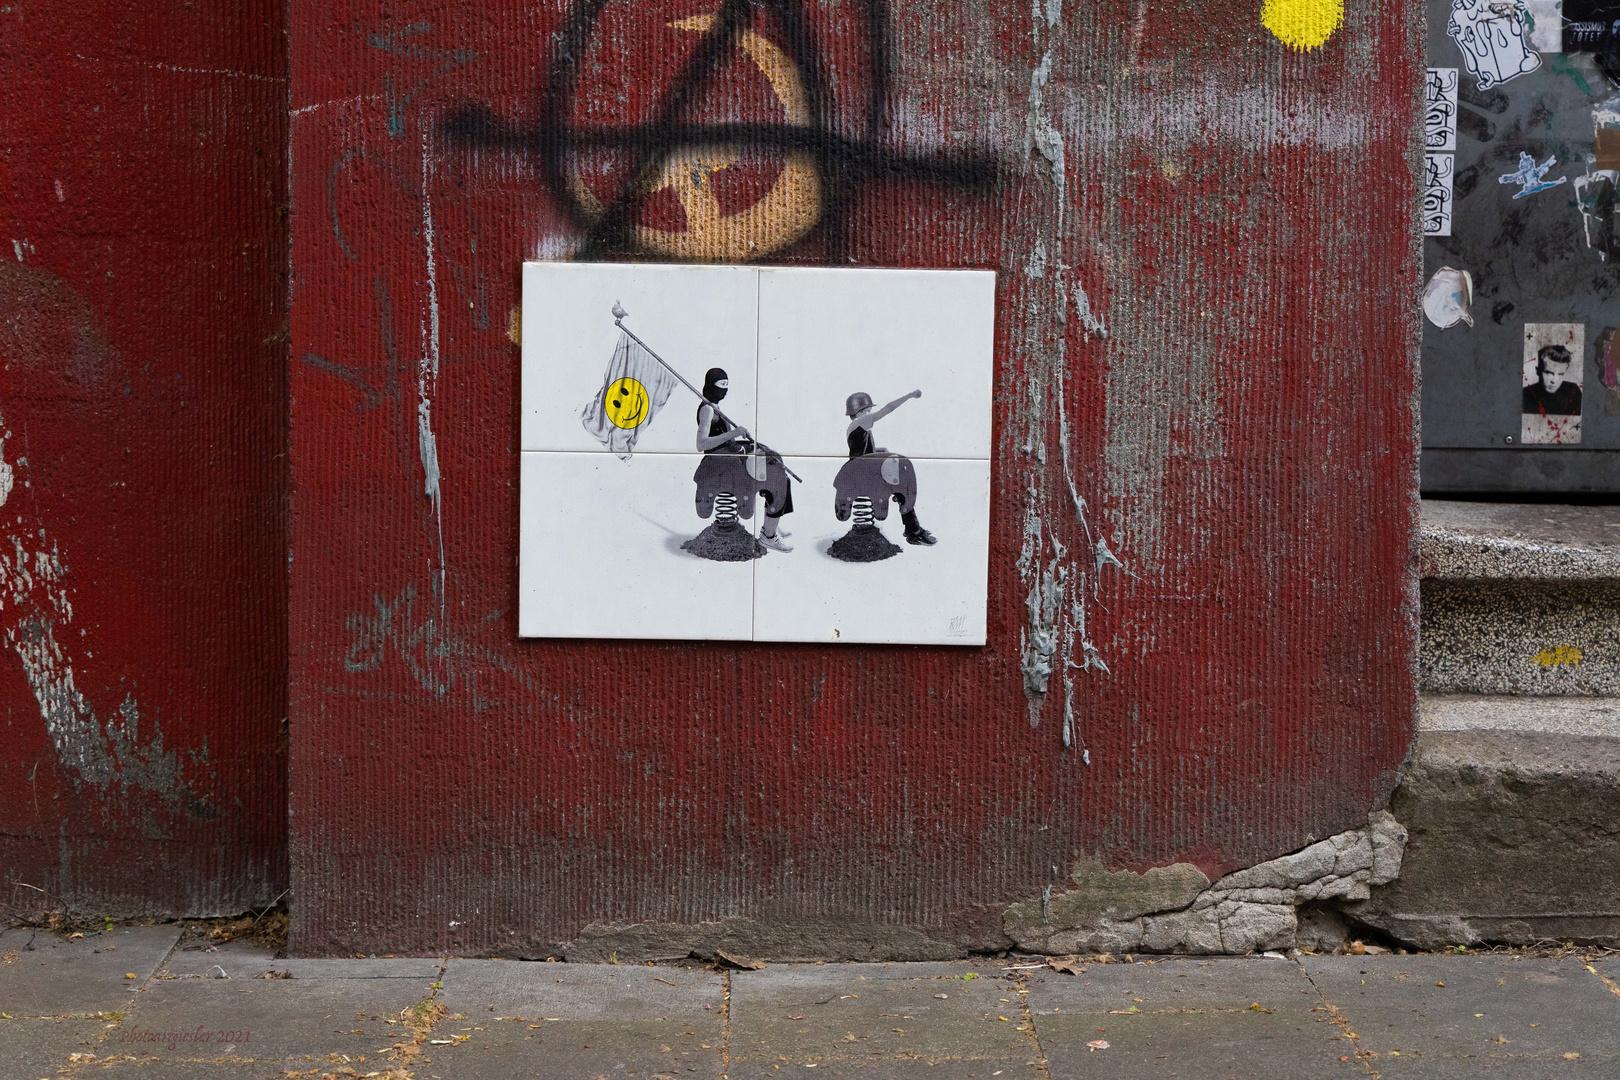 Viva la revolution - es gibt ein Leben vor dem Tod